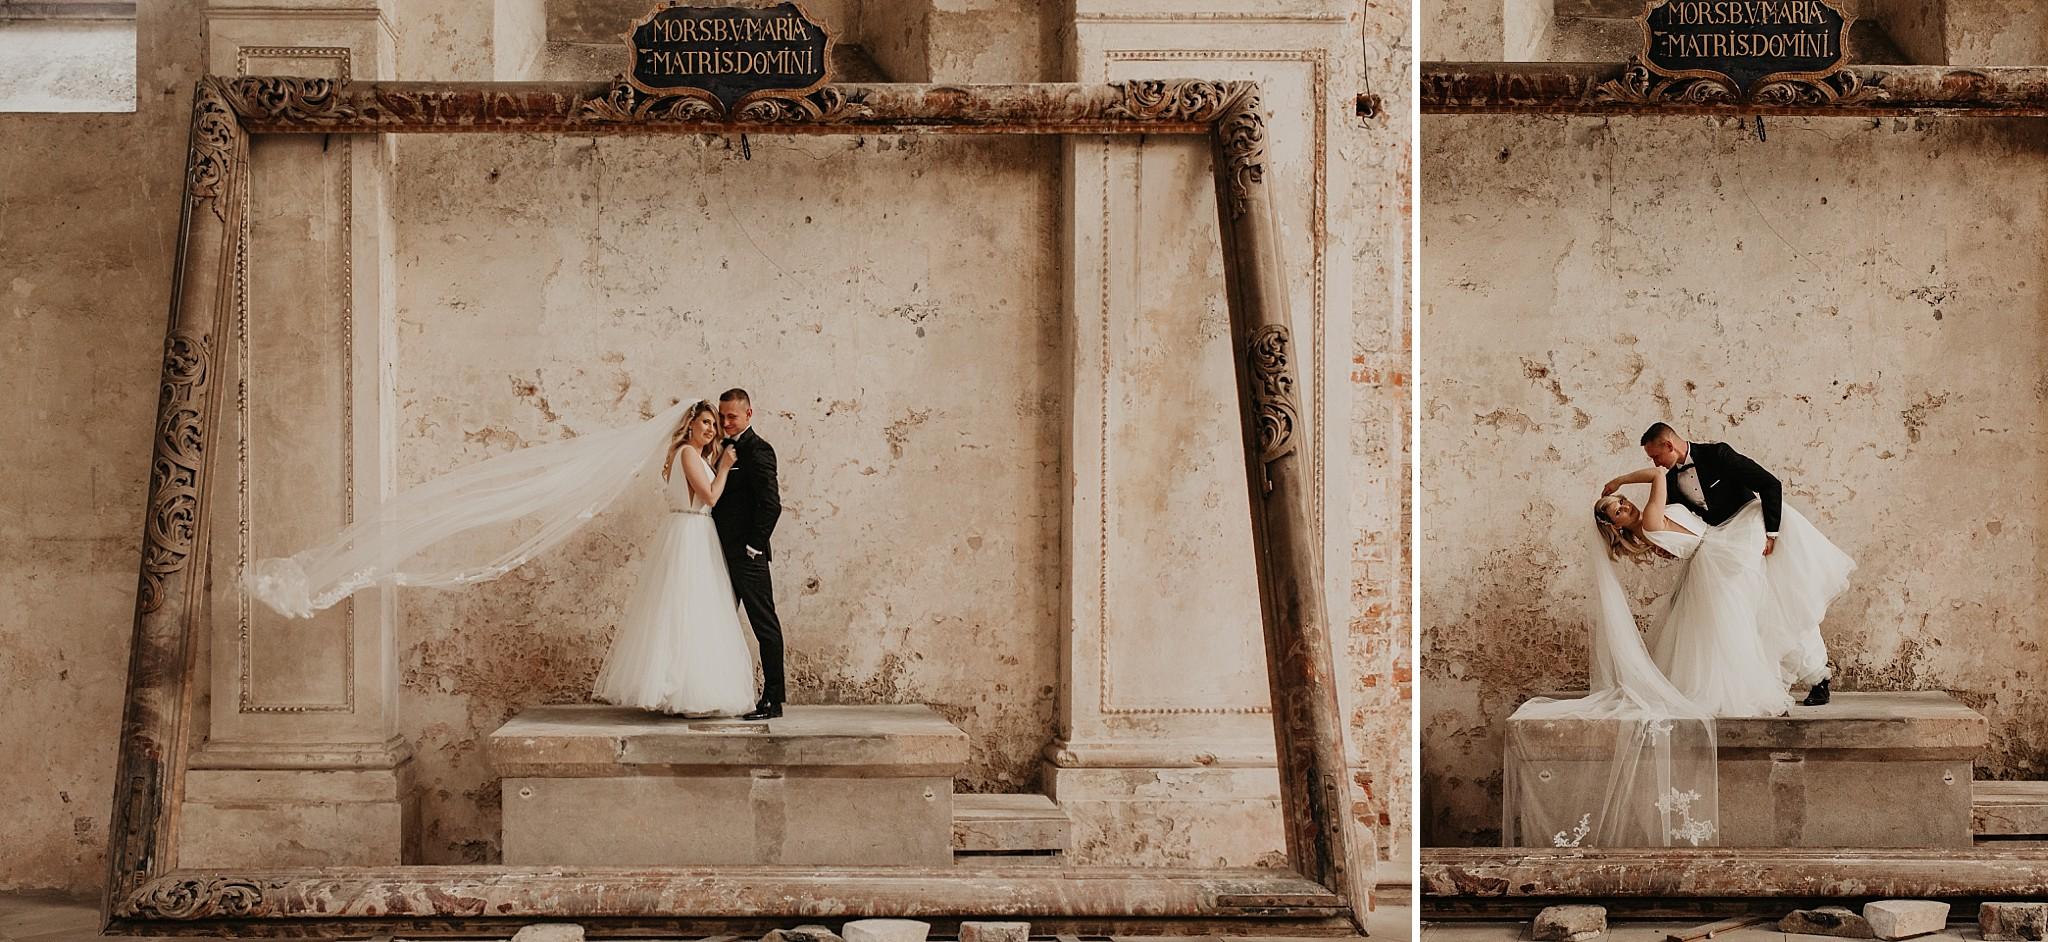 lubiaz opactwo cystersow sesja na zamku sesja zdjeciowa sesja slubna w palacu sesja palac fotograf z poznania fotografia slubna poznan 079